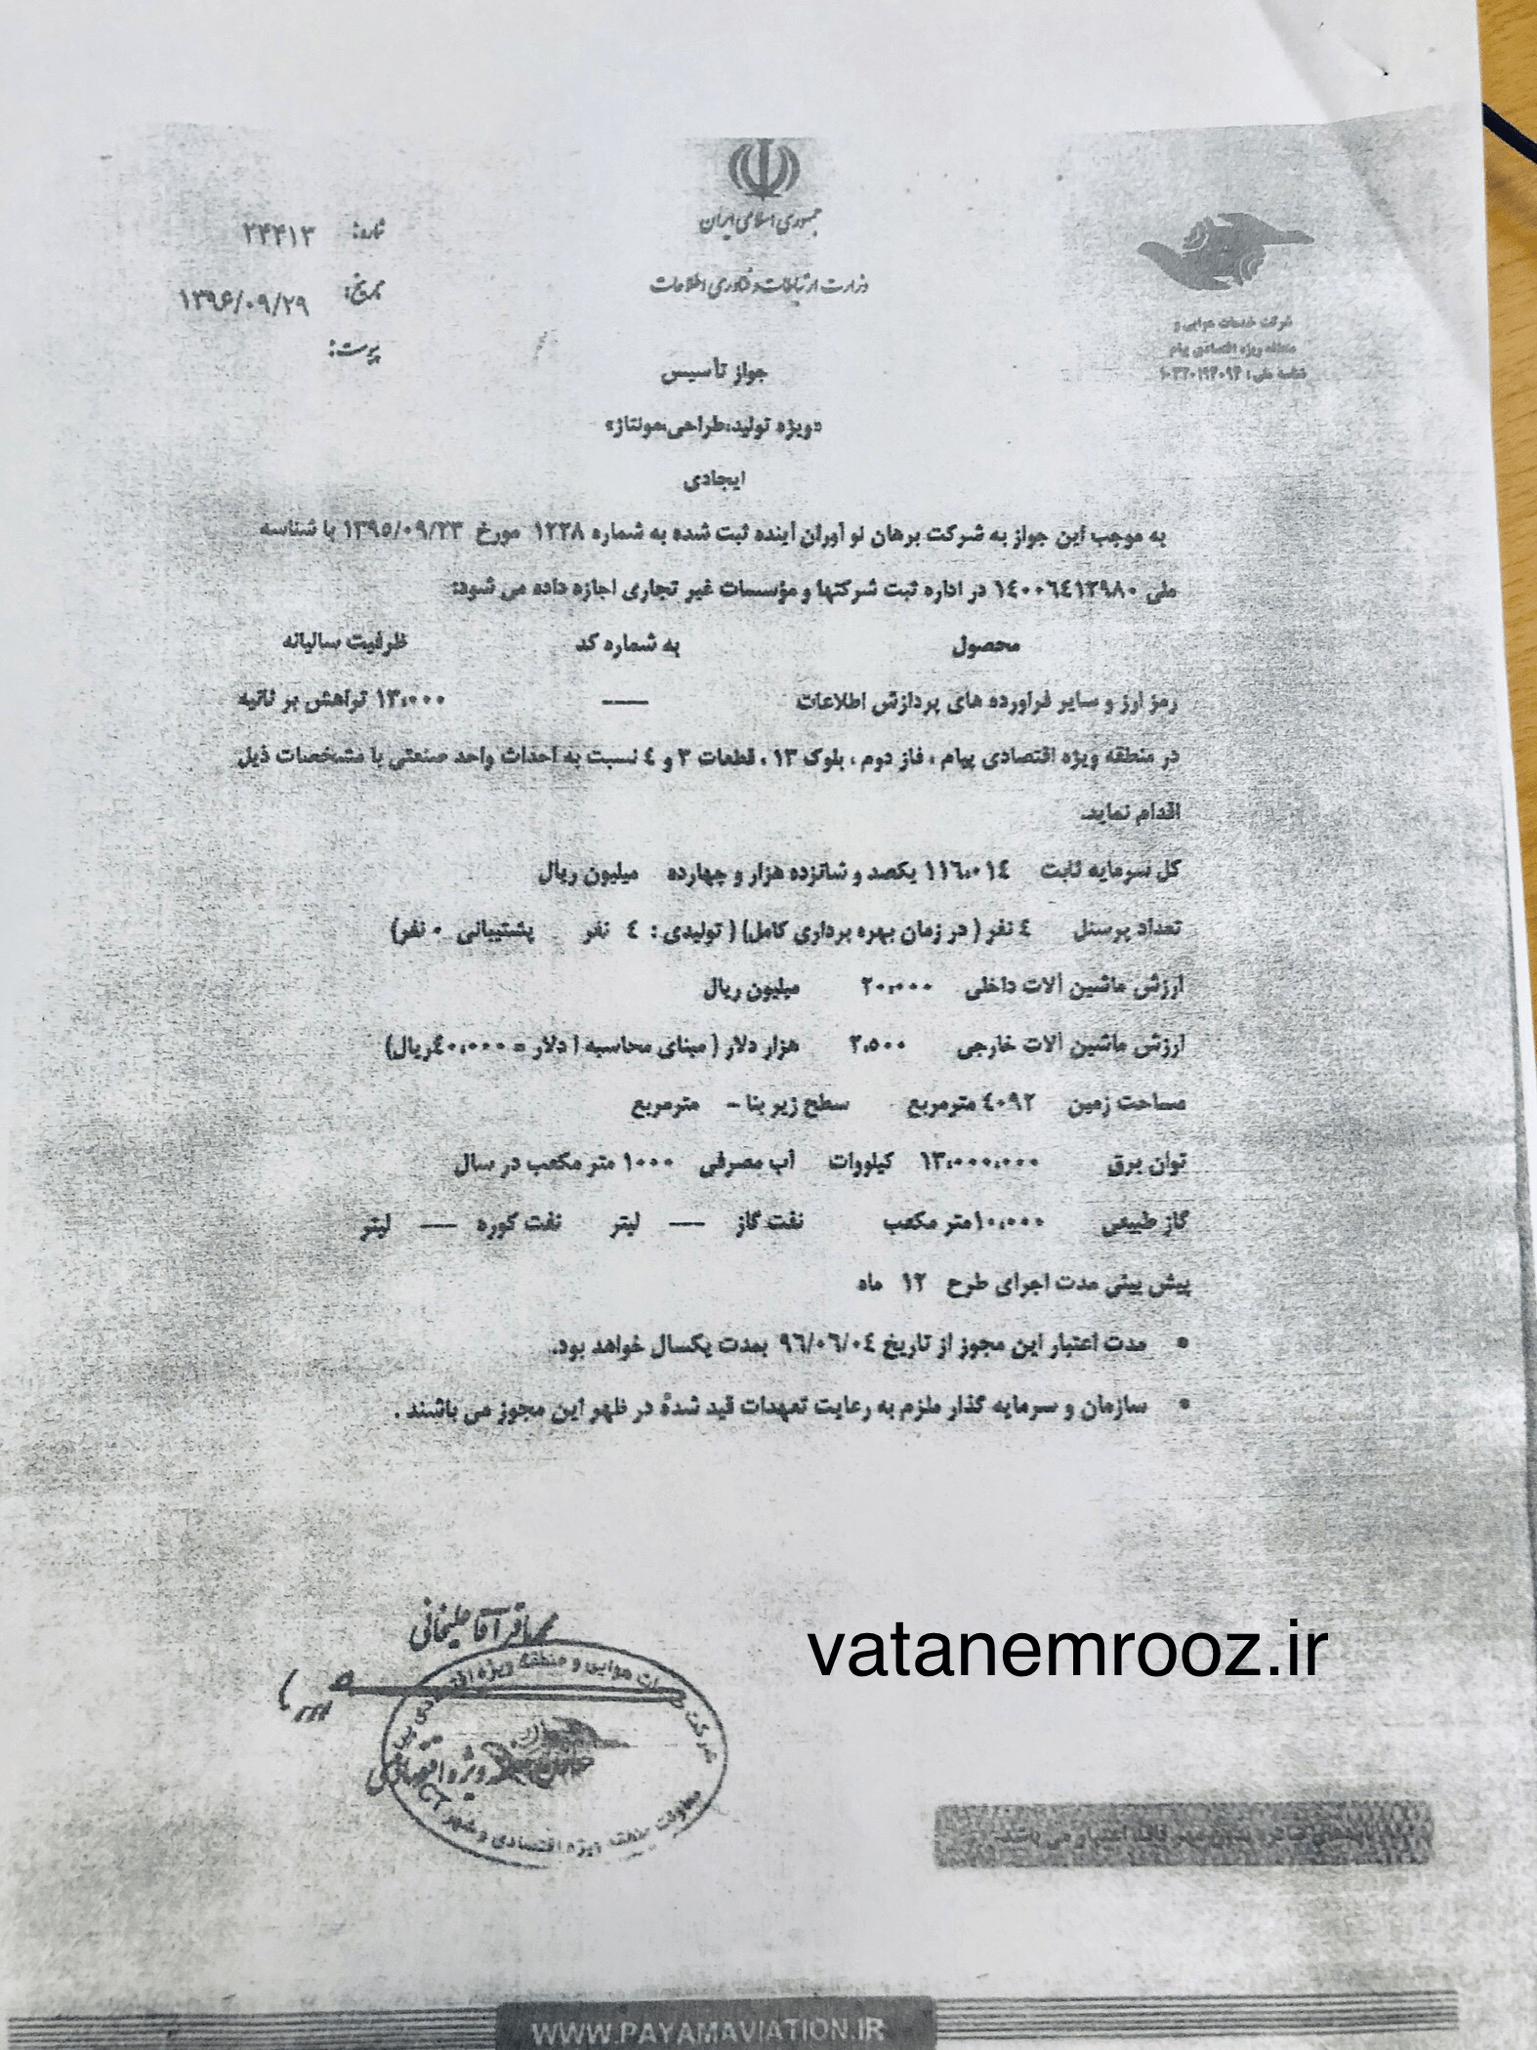 صدور مجوز تاسیس فارم استخراج بیت کوین در سال 96 توسط وزارت ارتباطات+سند